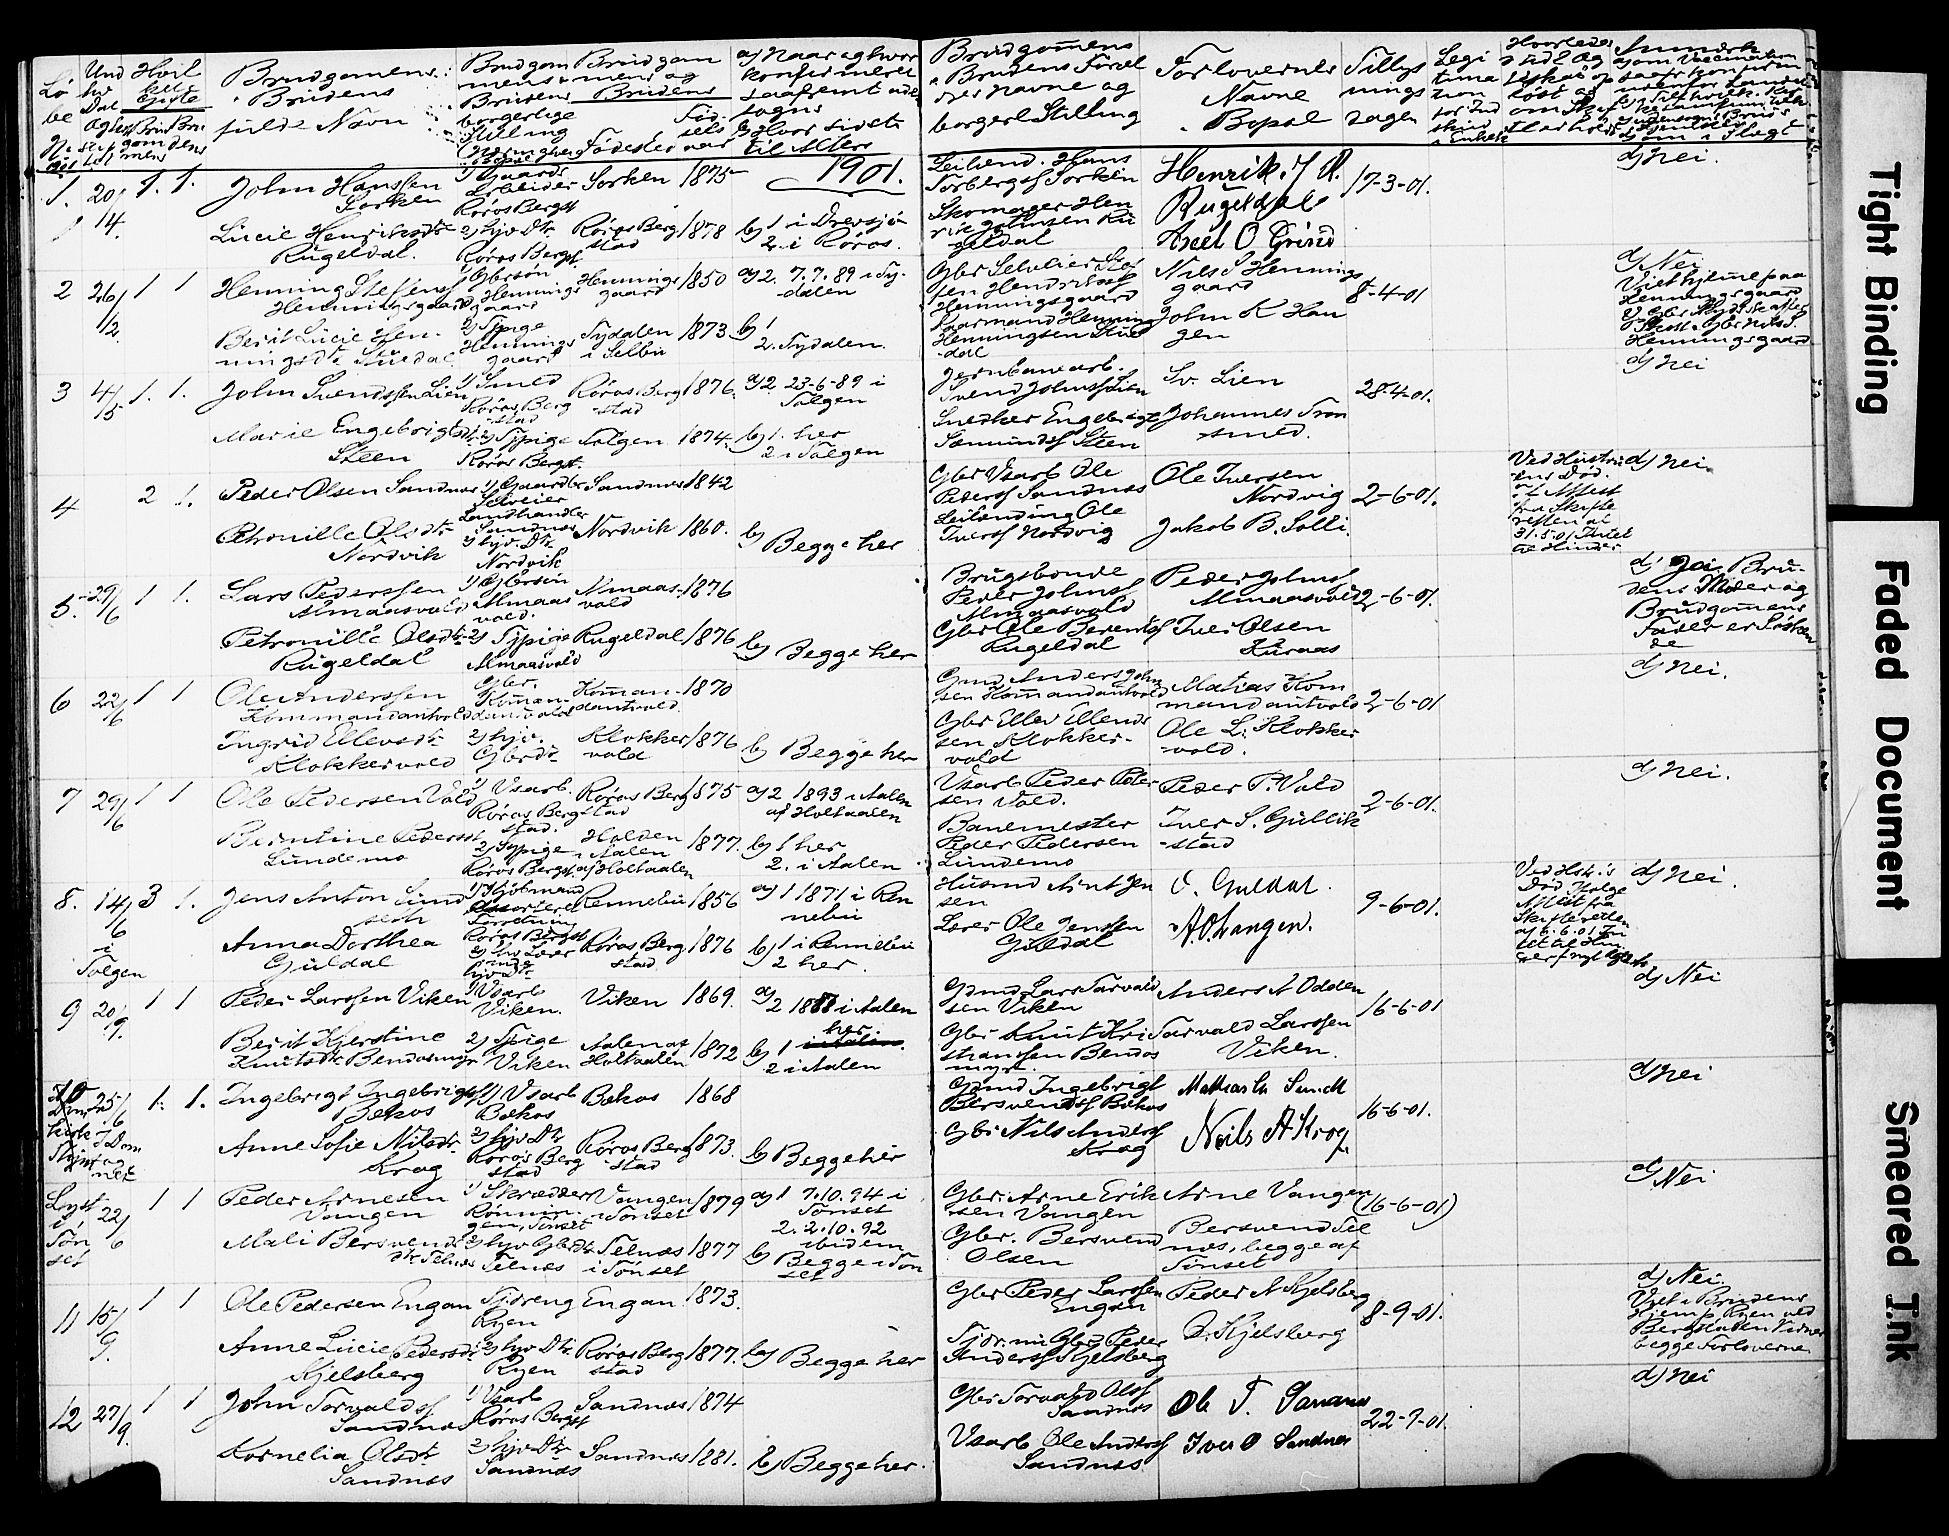 SAT, Ministerialprotokoller, klokkerbøker og fødselsregistre - Sør-Trøndelag, 681/L0934: Lysningsprotokoll nr. 681A12, 1884-1918